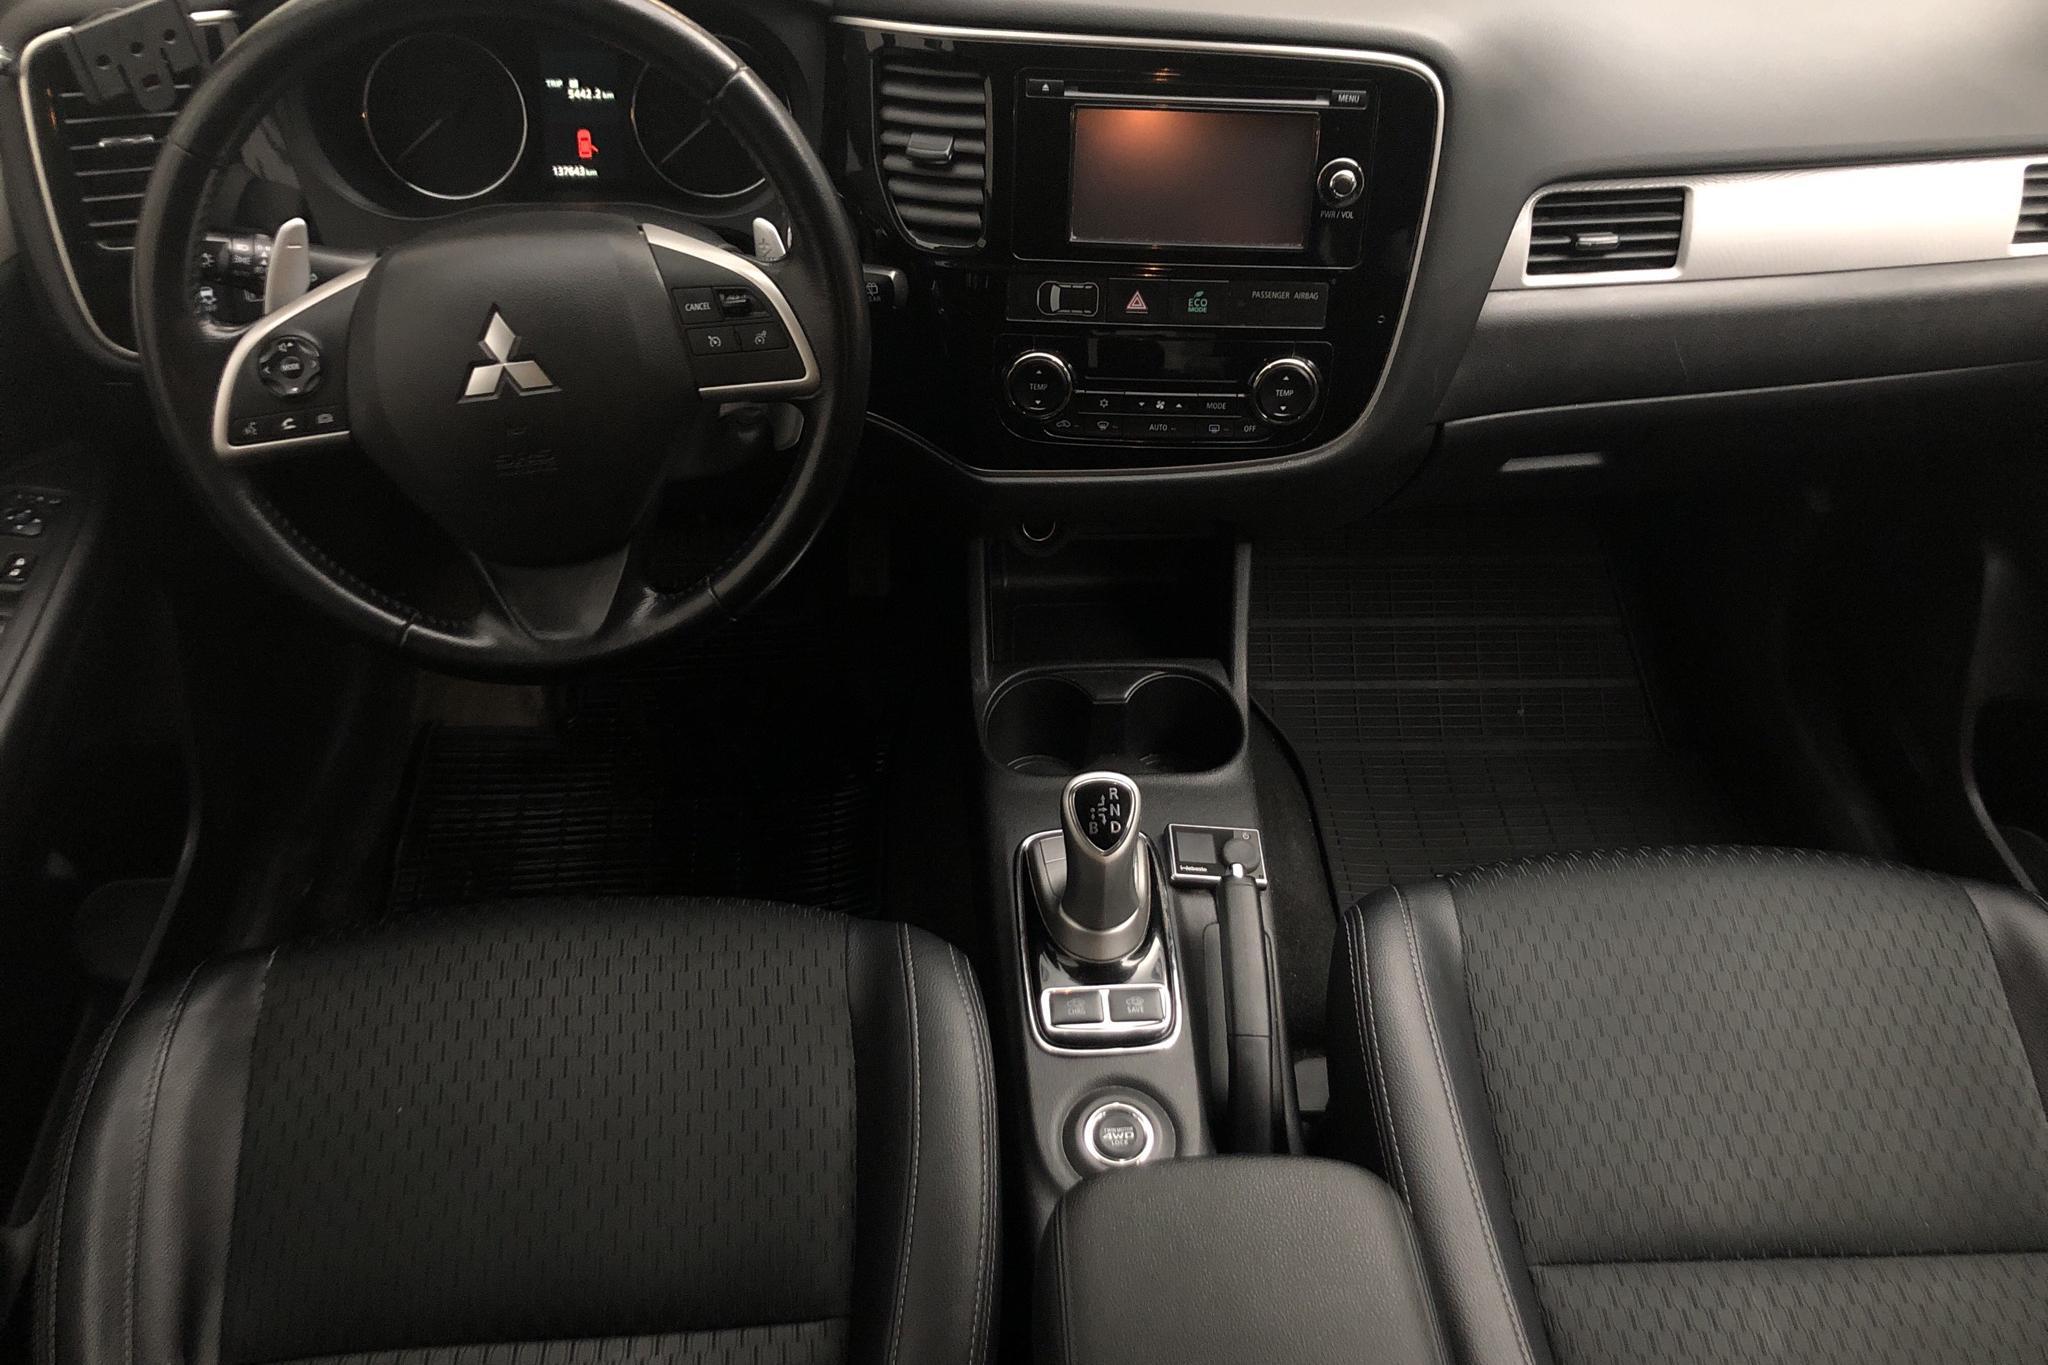 Mitsubishi Outlander 2.0 Plug-in Hybrid 4WD (121hk) - 137 640 km - Automatic - Dark Grey - 2014